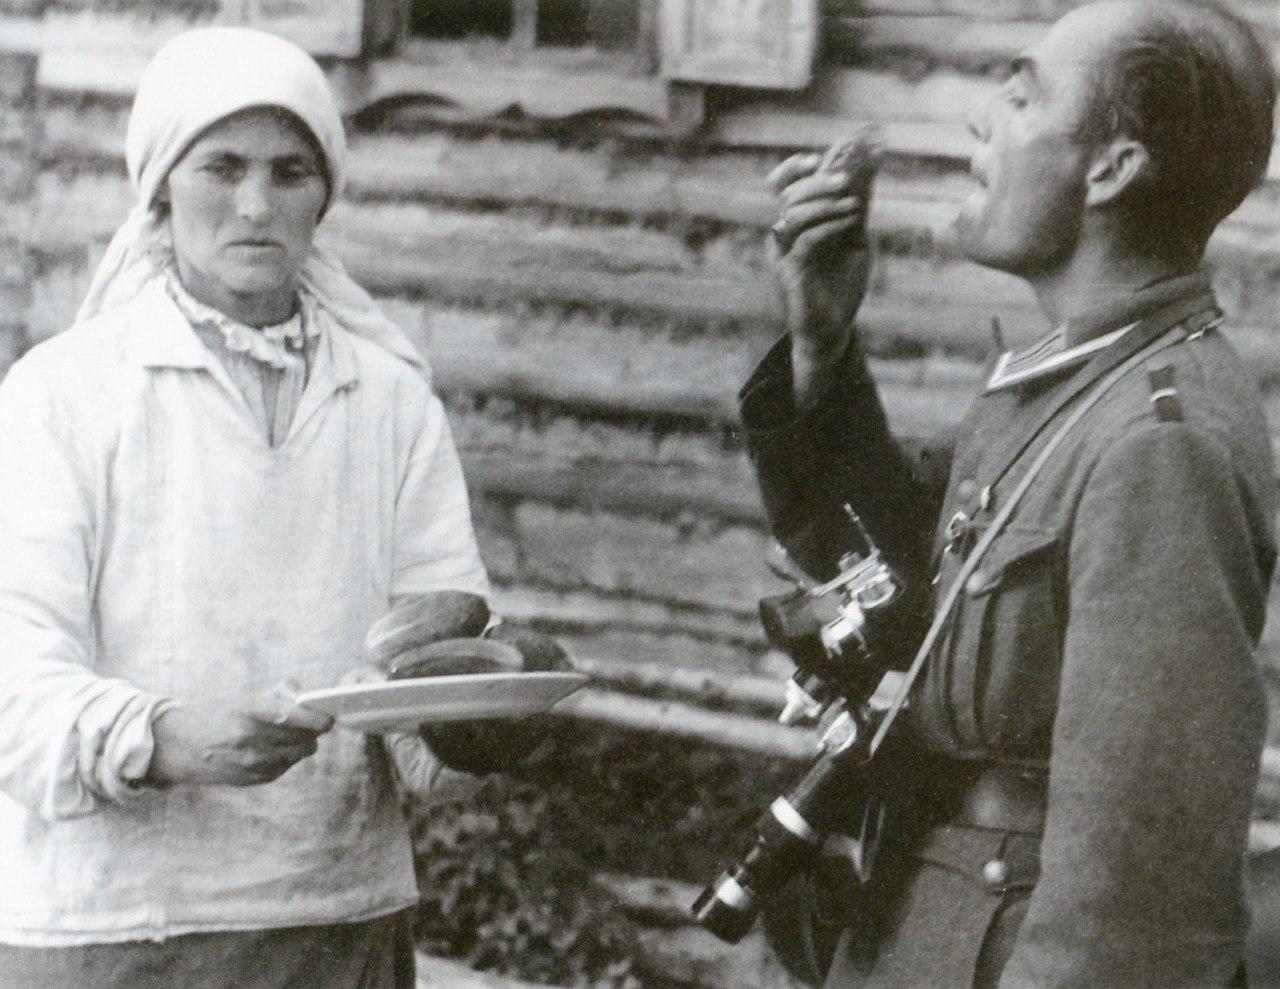 1941. Немецкий военный фотокорреспондент пробует огурцы в белорусской деревне